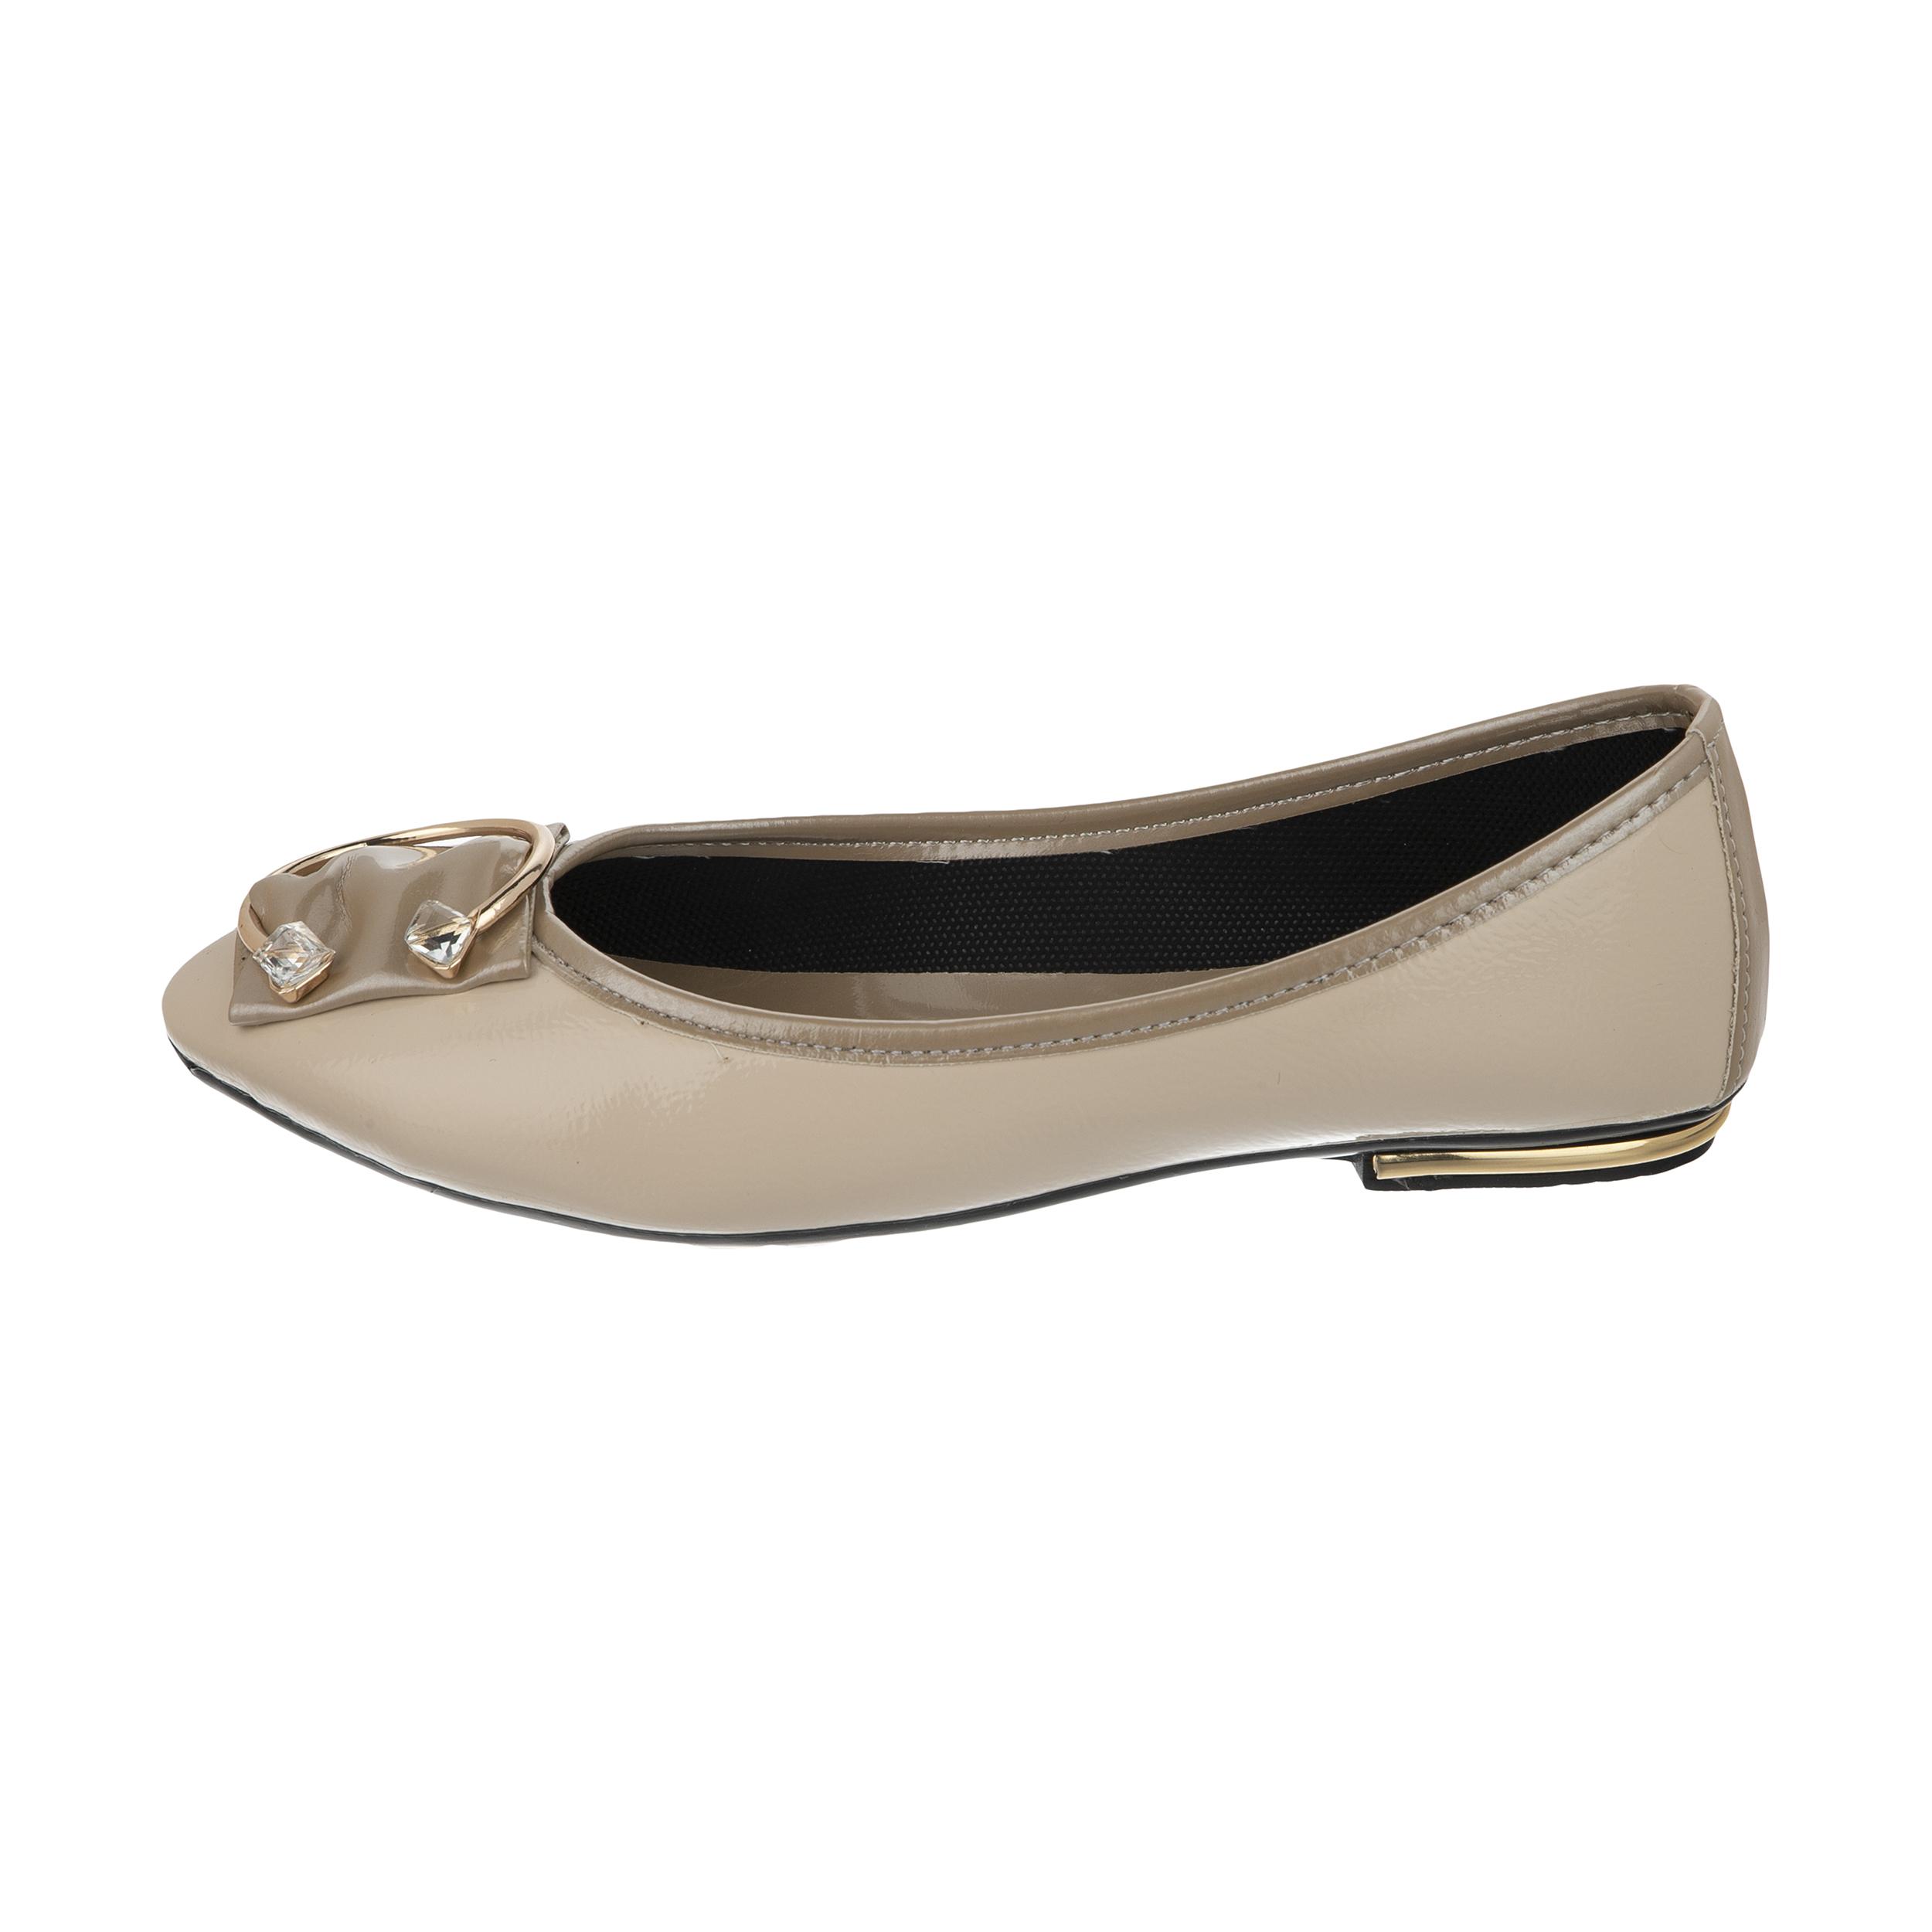 کفش زنانه لبتو مدل 1028-07